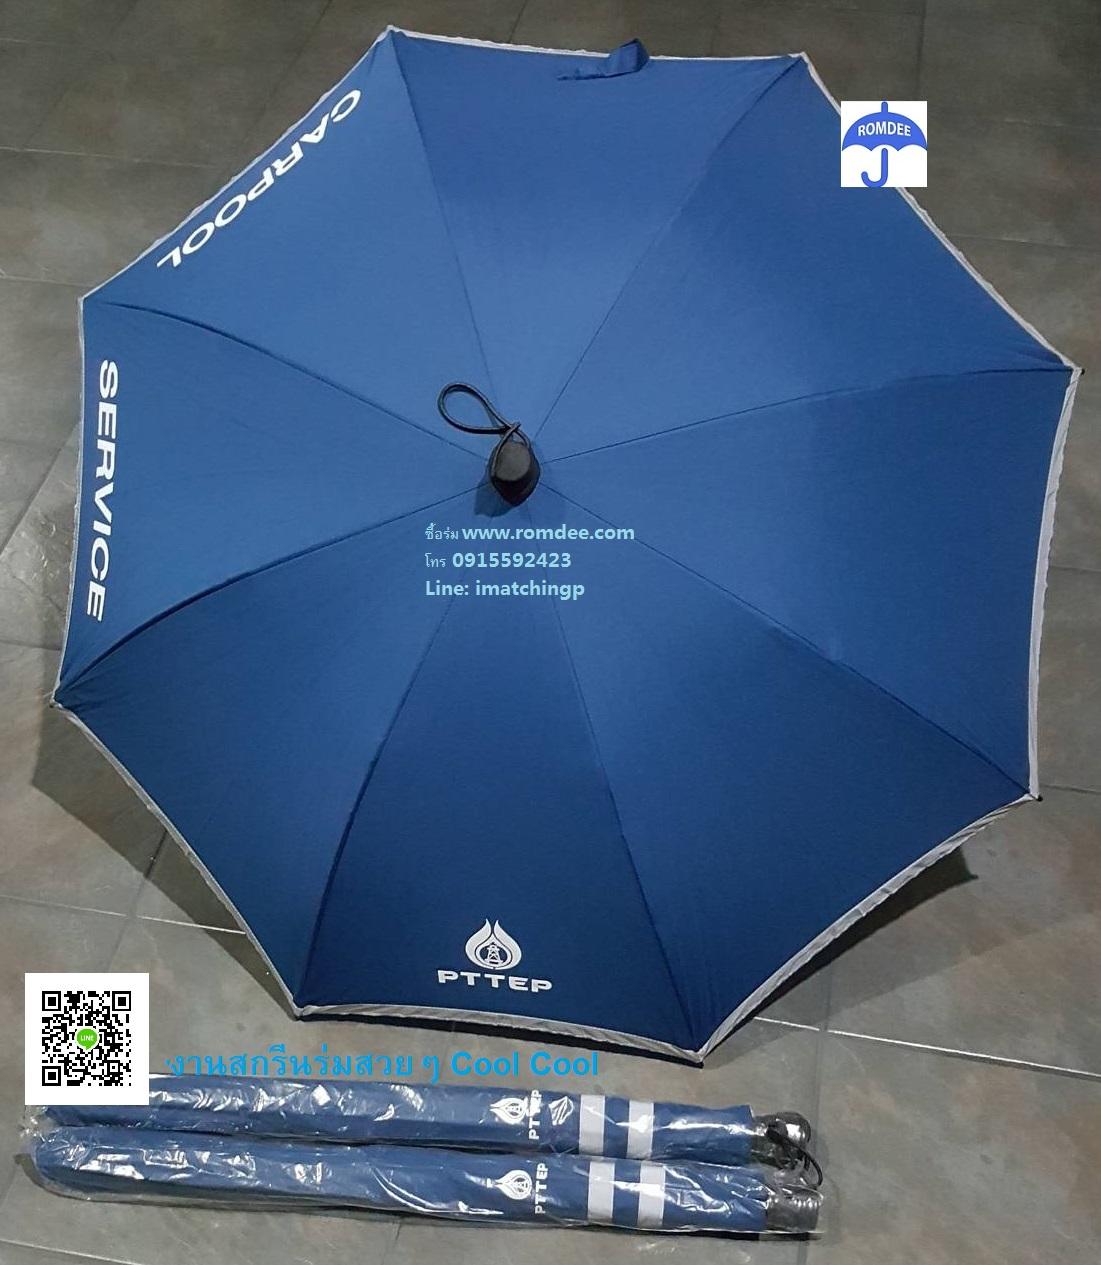 สกรีนร่ม ร่มปตท. ผลติร่ม ร่มดี.คอม